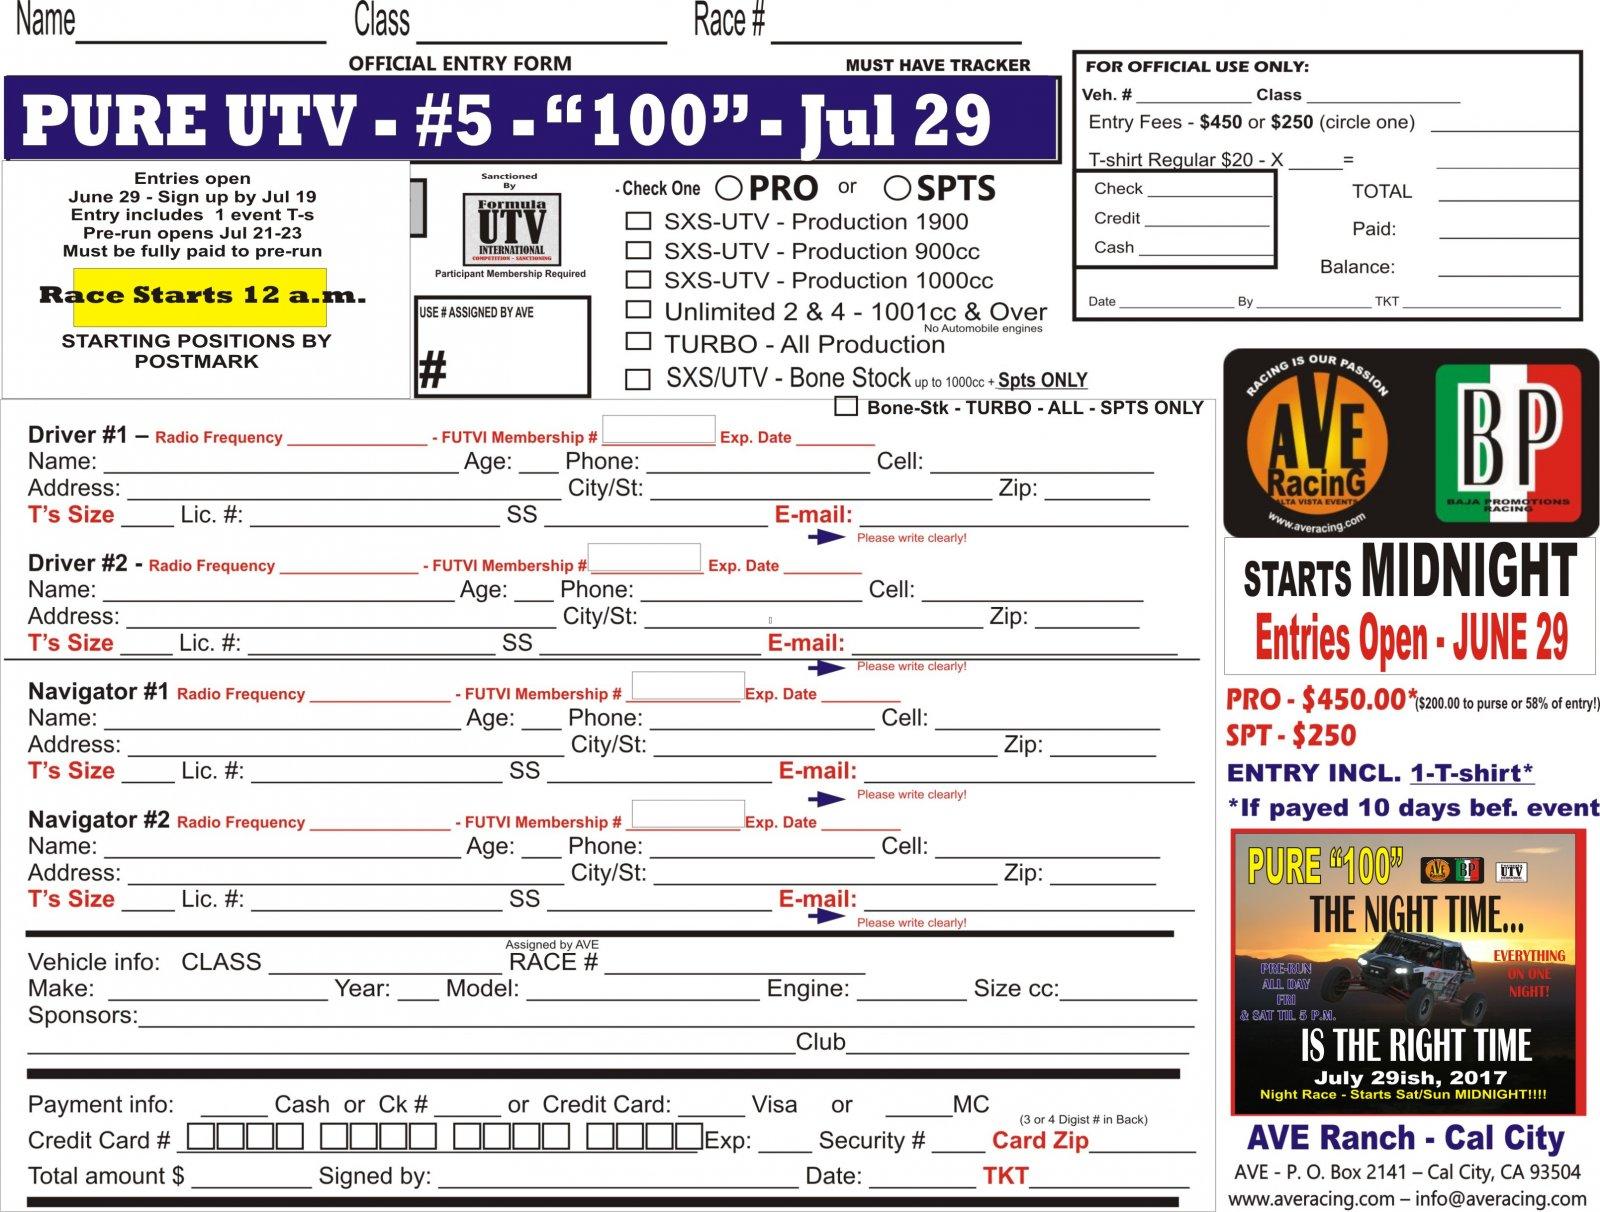 17-P100-night--ENTRY-#5-Jul29-jun26.JPG